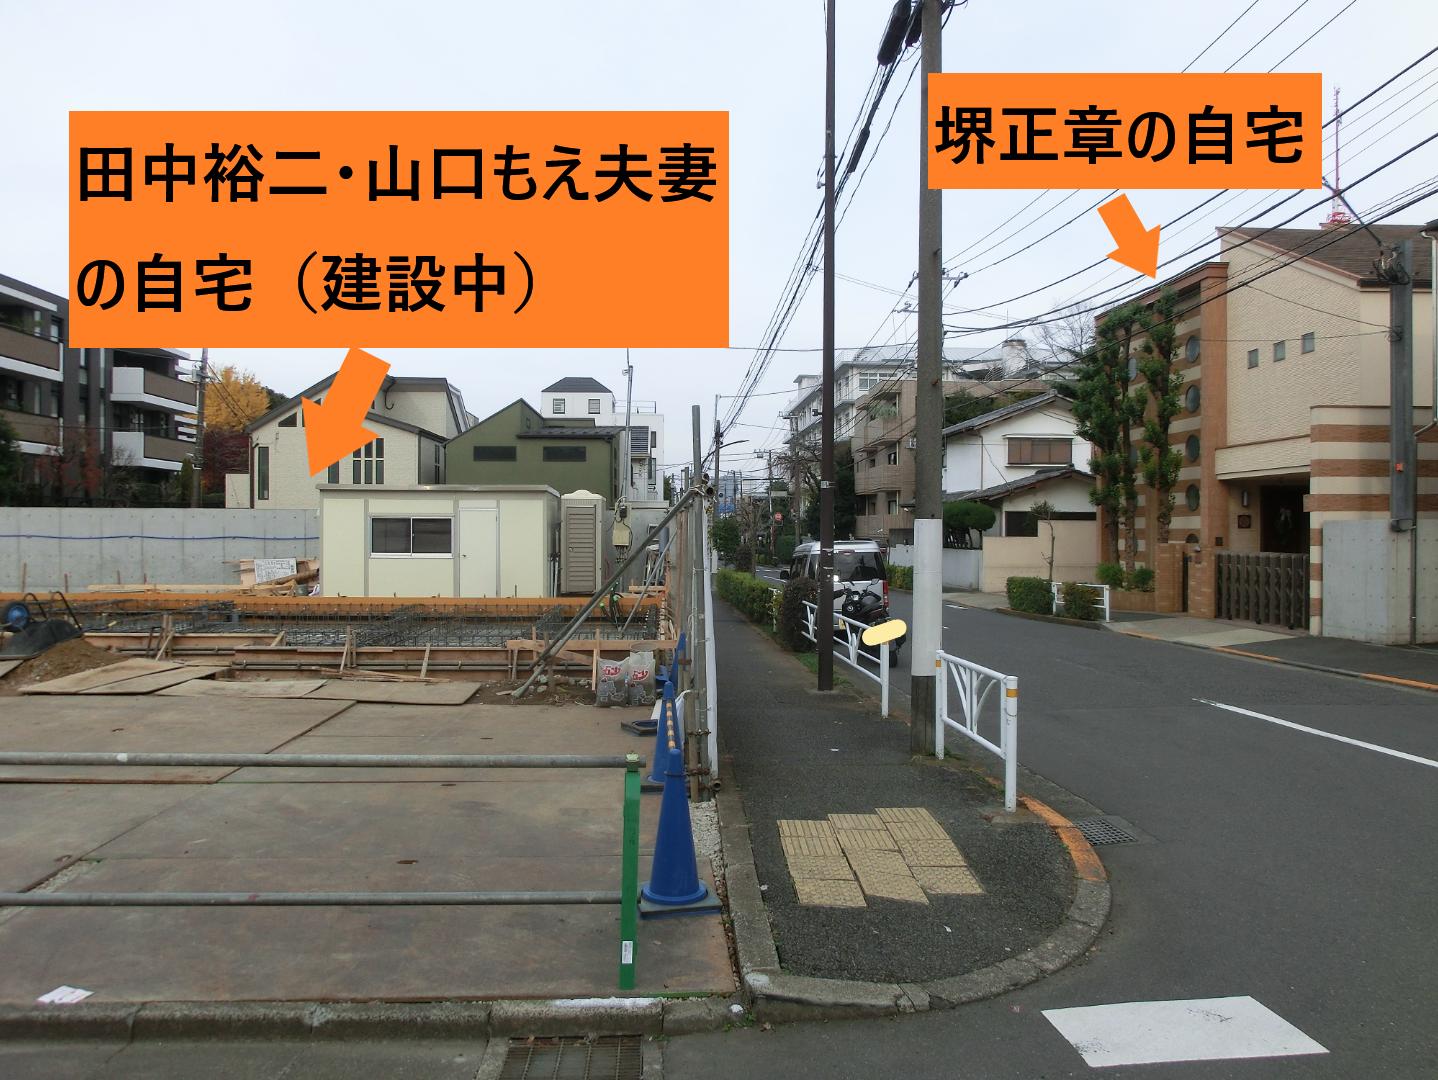 田中裕二の自宅と堺正章の自宅の位置関係 三田用水散策3